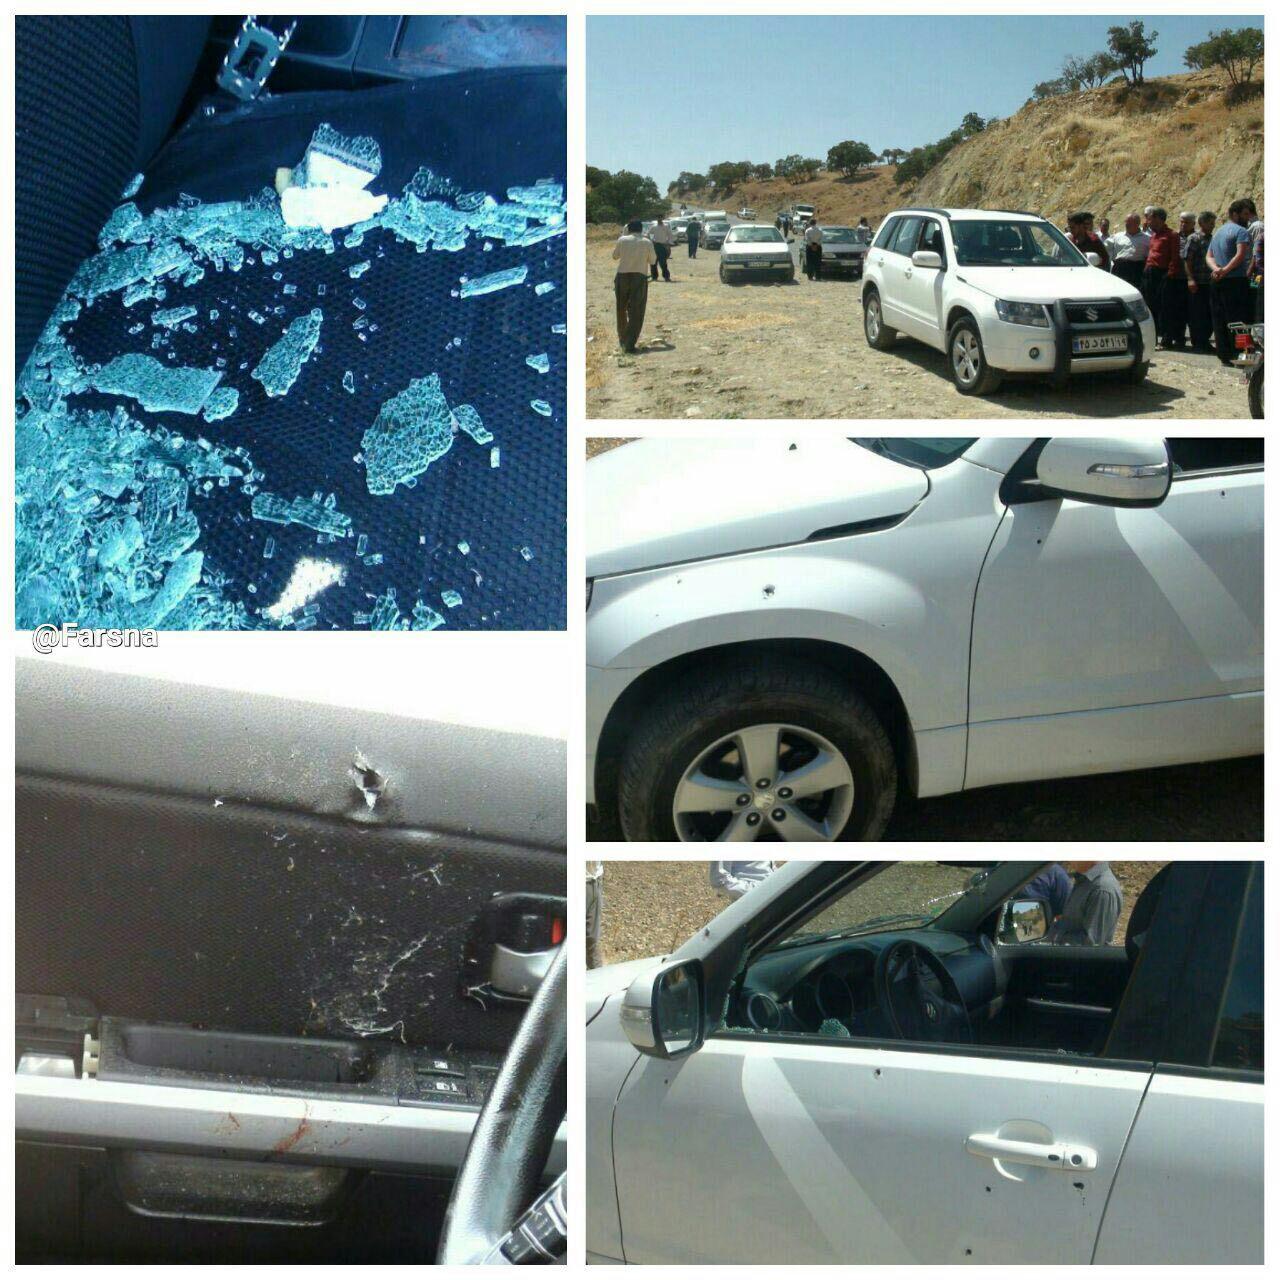 فلاحت پیشه: دو جوان شهید، فرماندار و مدیرکل شیلات مجروح شدند+ فیلم و عکس